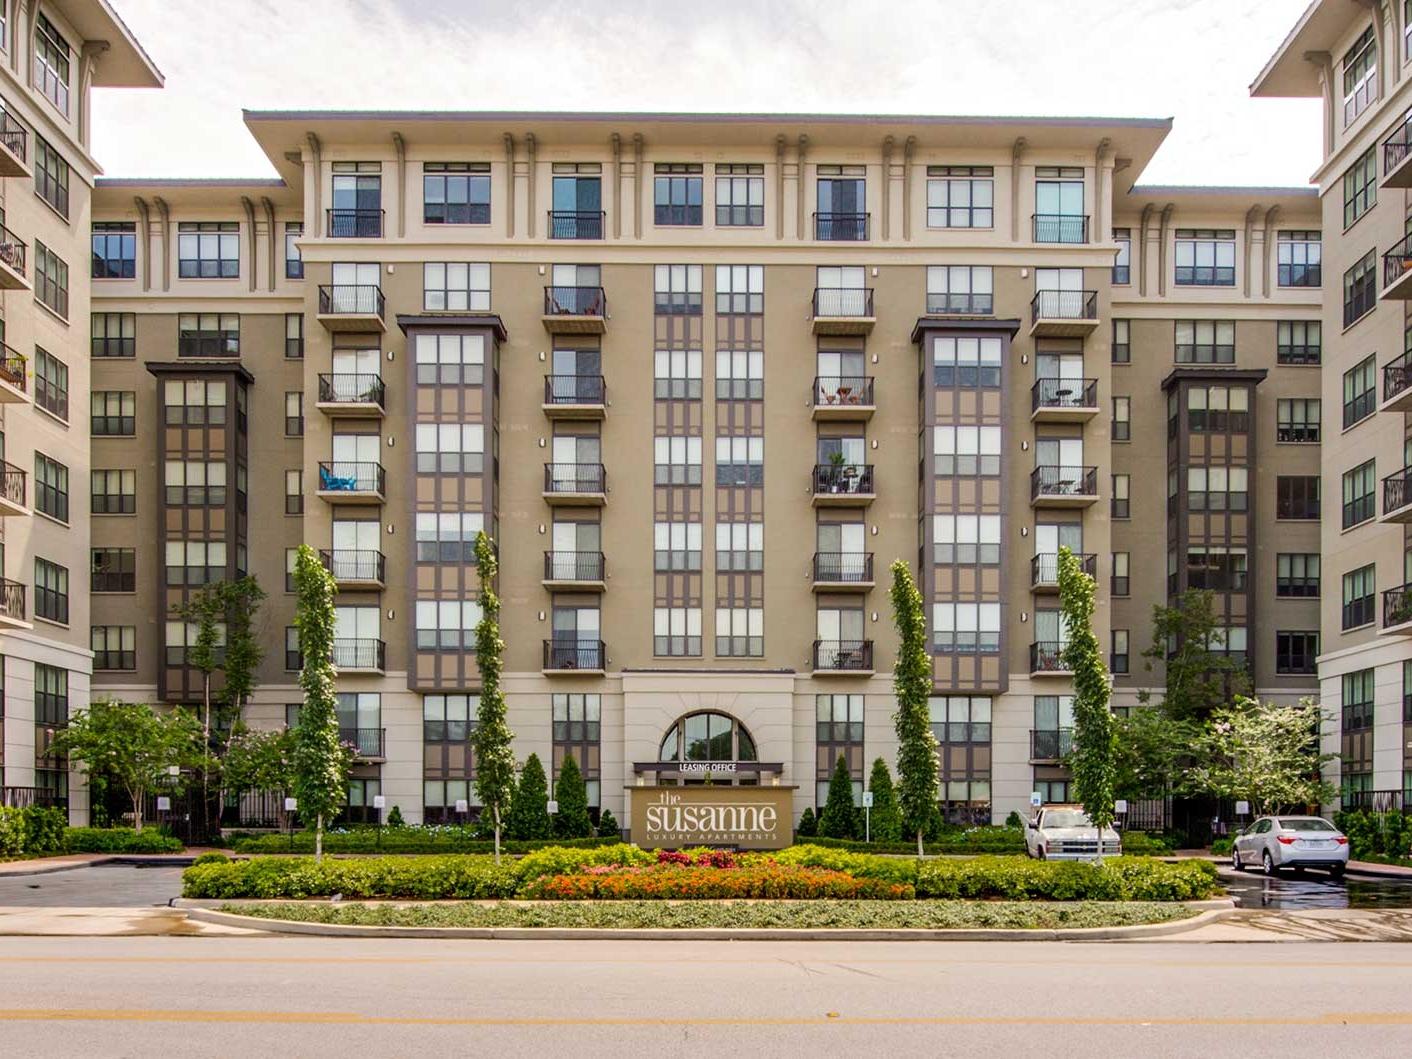 The Susanne</br><em>Houston, Texas</em>|marketratehousing architecture